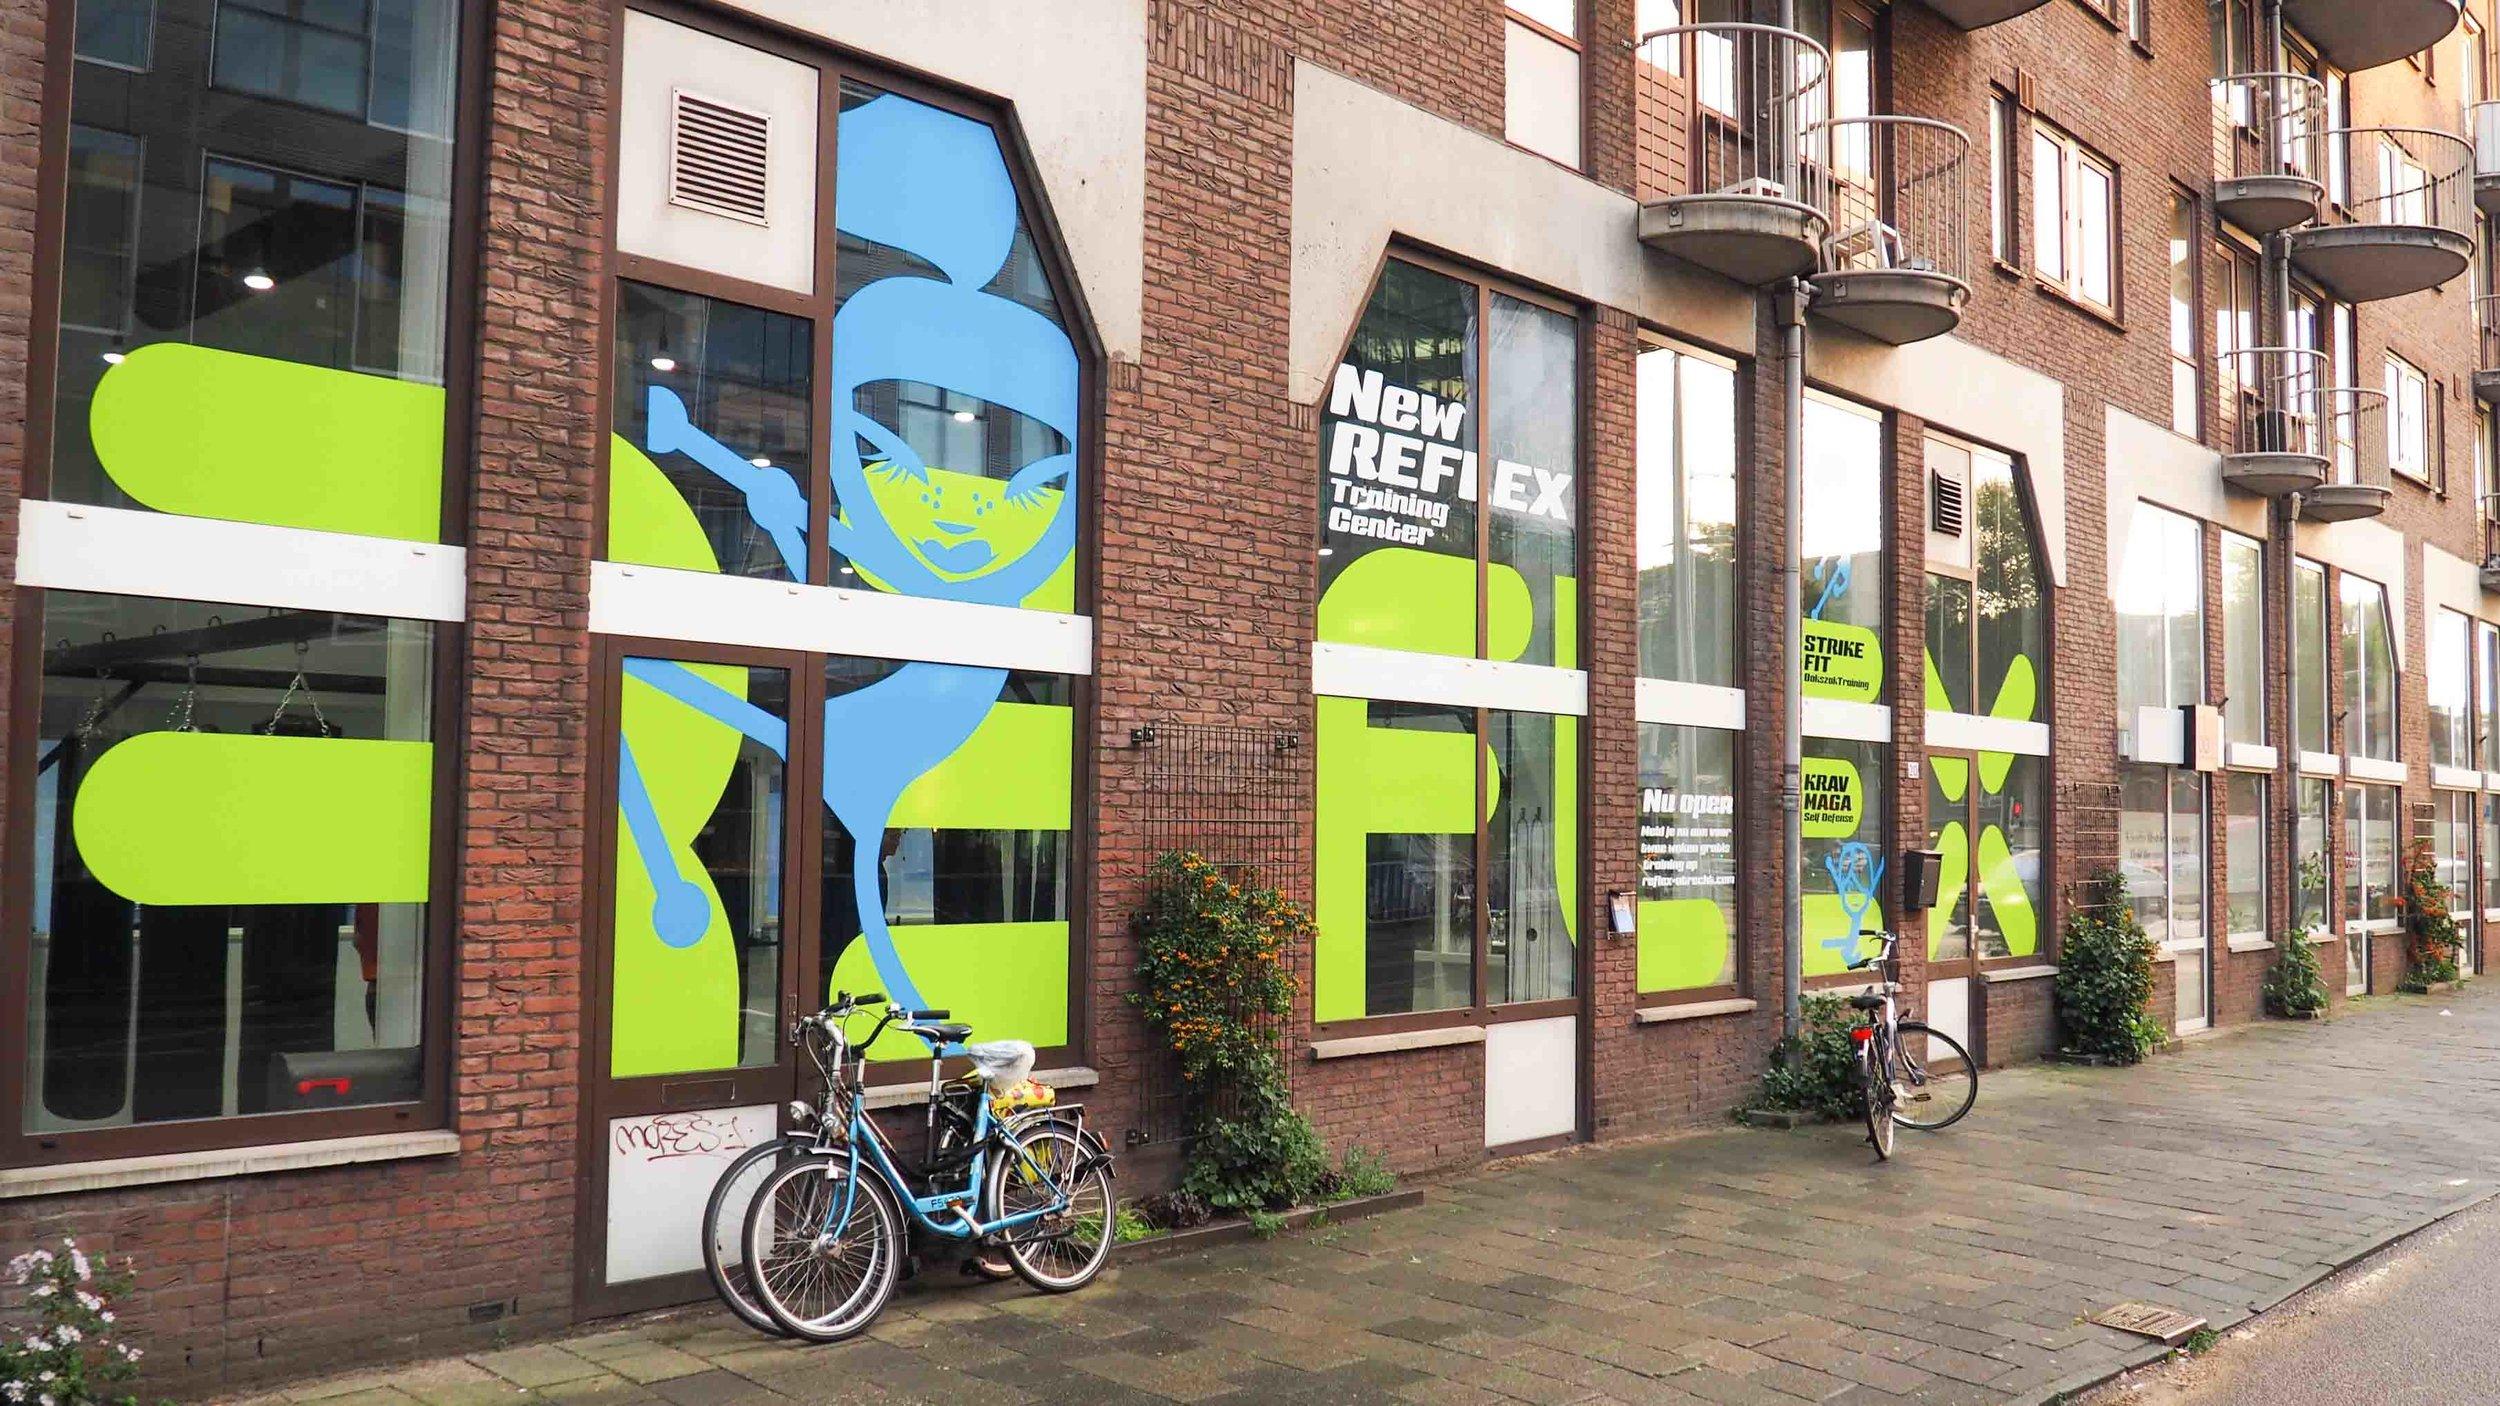 REFLEX Training Utrecht